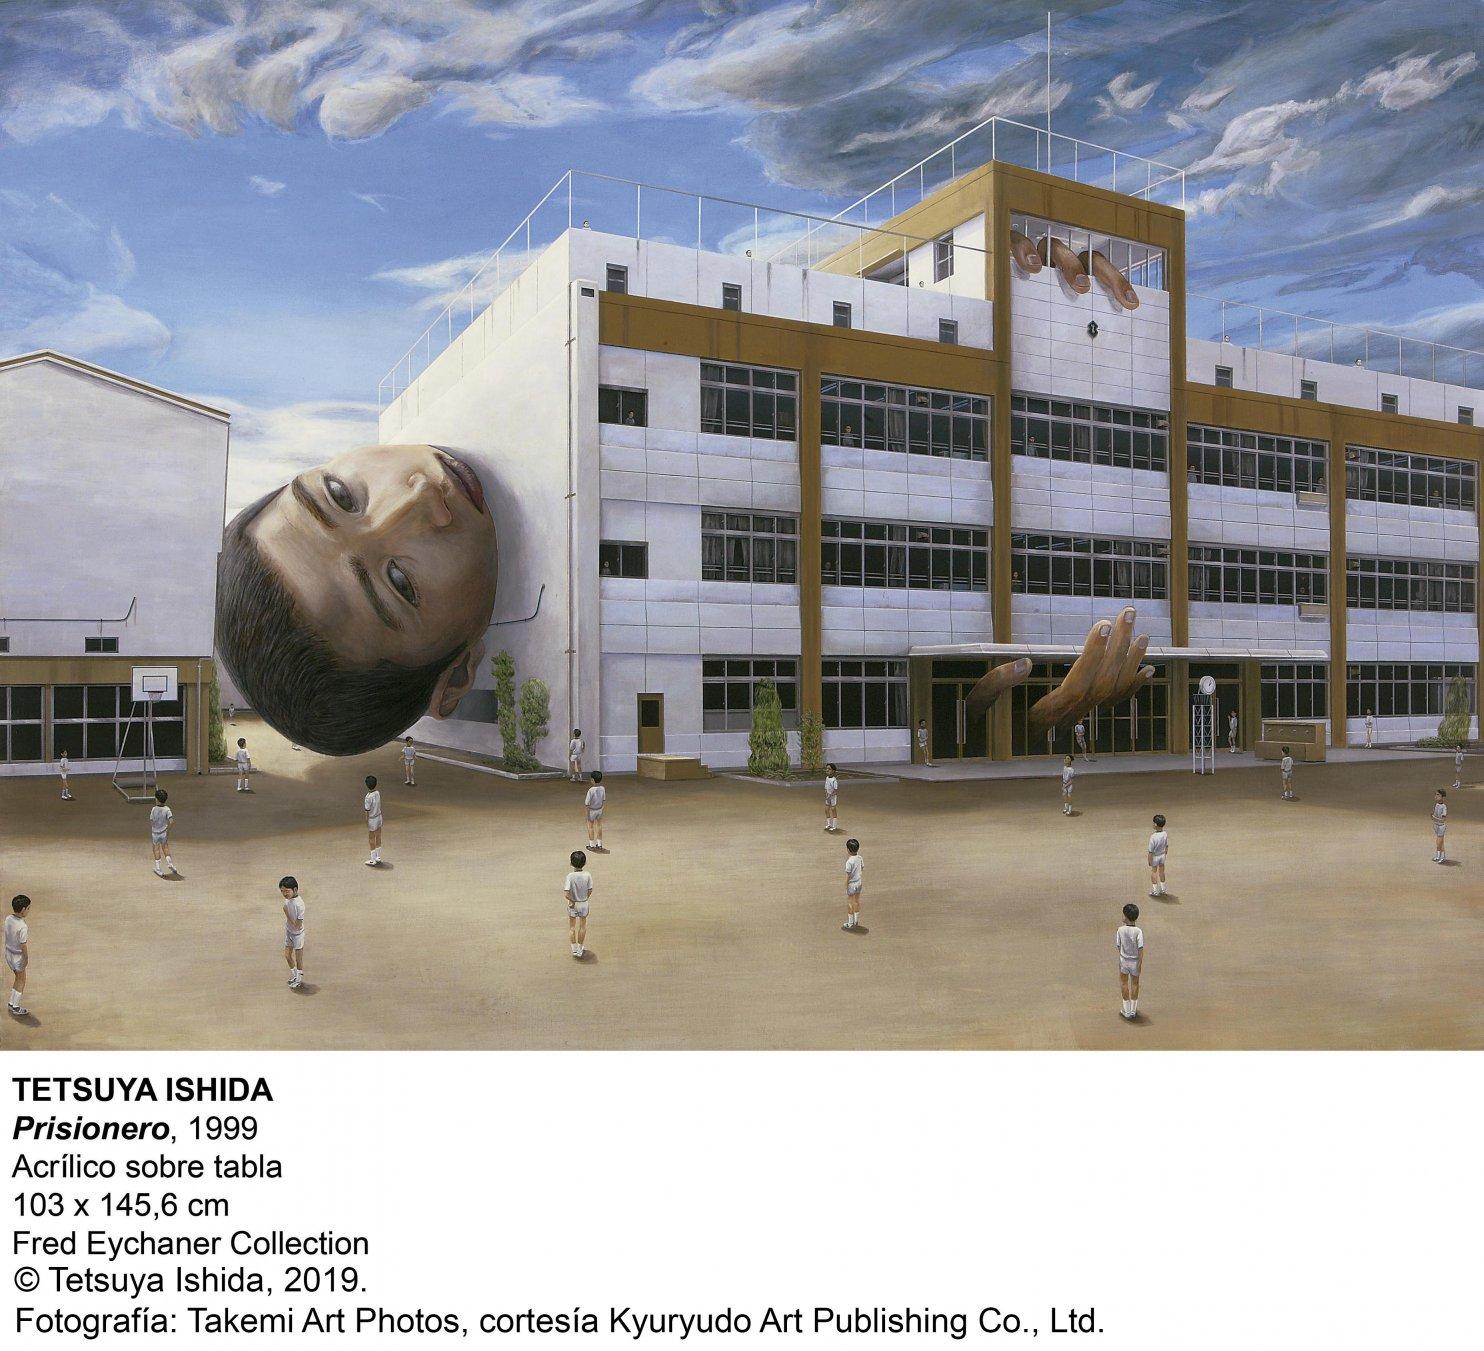 Prisionero (1999) - Tetsuya Ishida